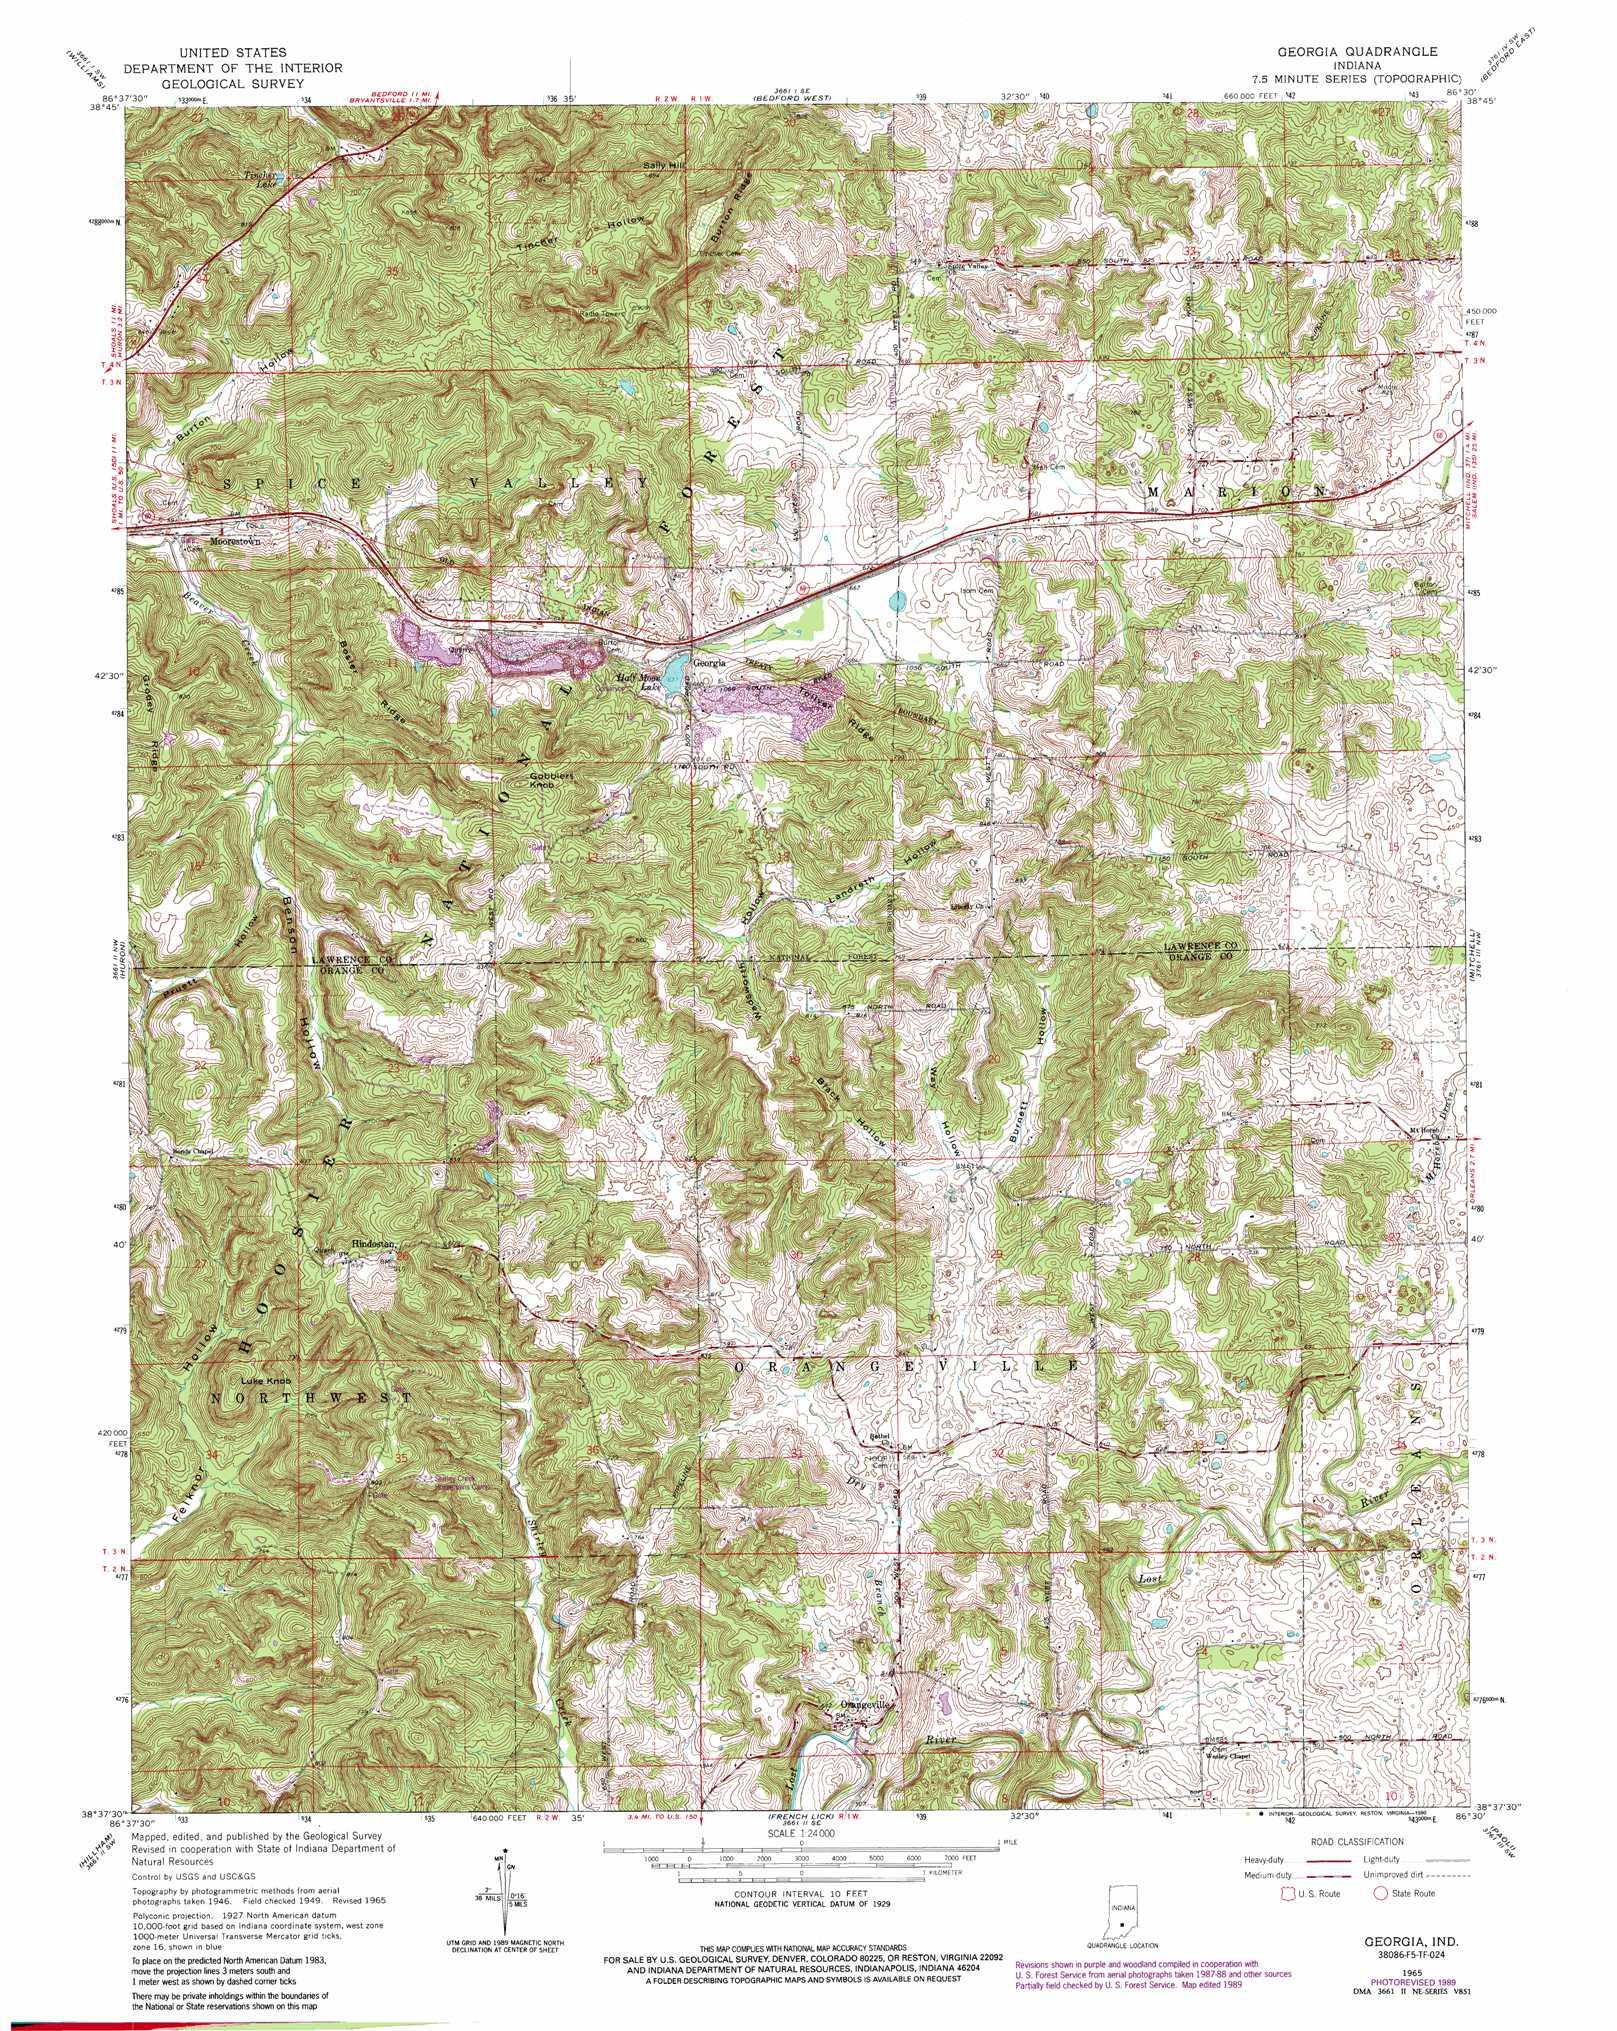 Georgia Topographic Map IN USGS Topo Quad F - Georgia topographic map